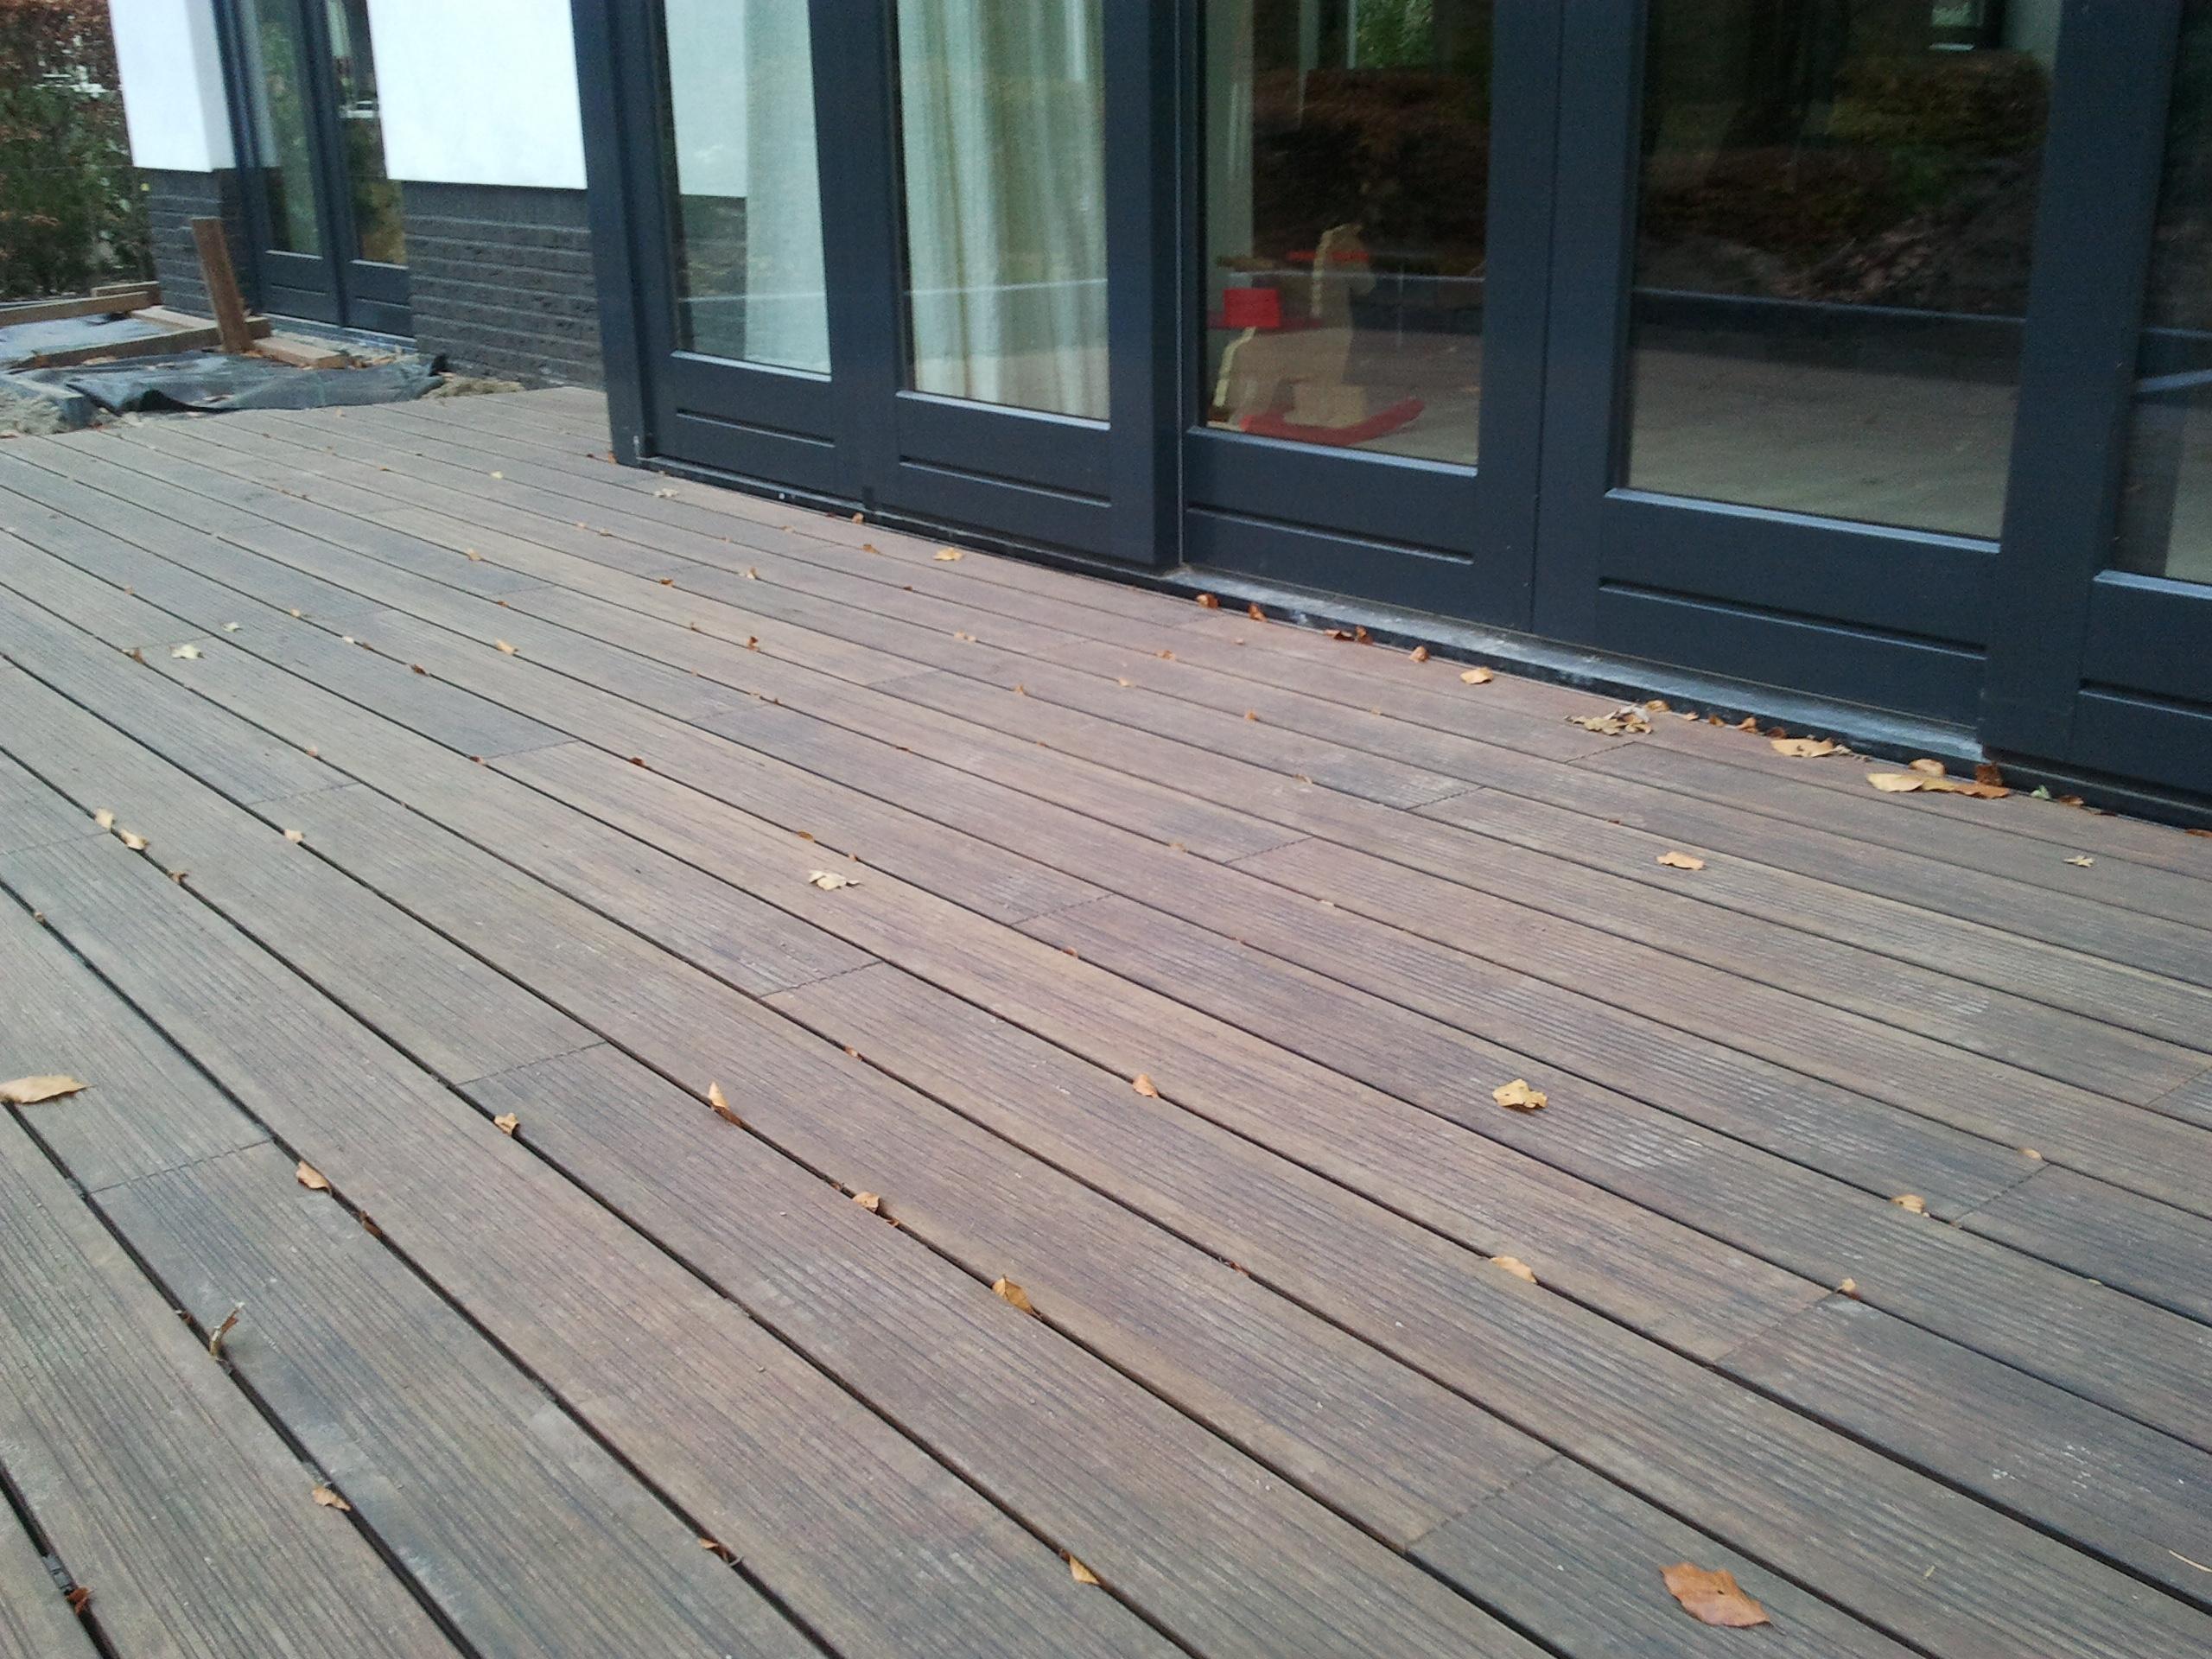 Van winden vloeren studio - Zwembad terras hout photo ...